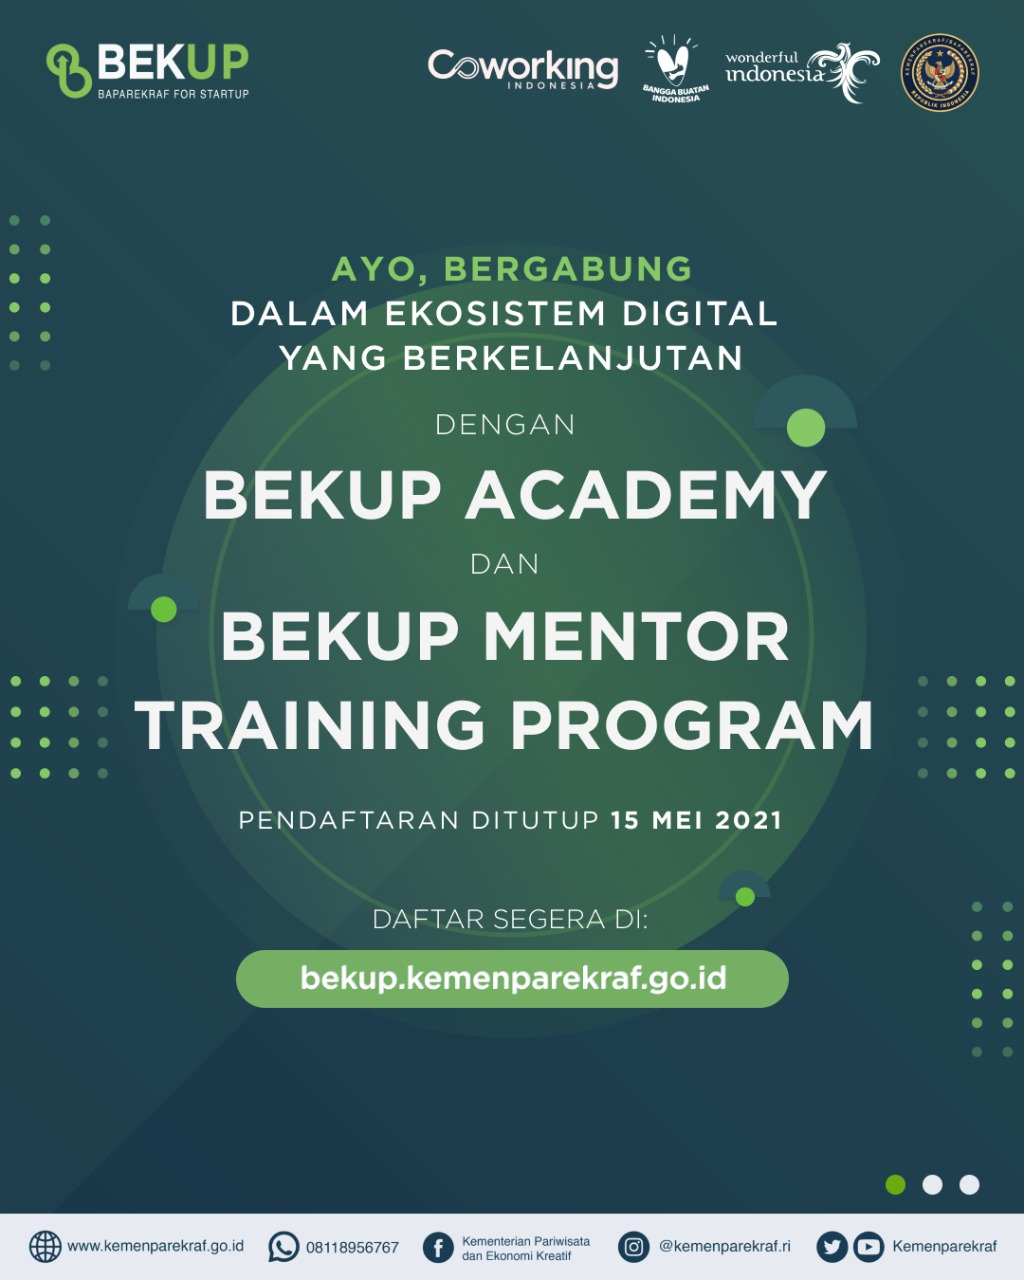 Event Baparekraf for Startup (BEKUP) 2021 Resmi Dimulai